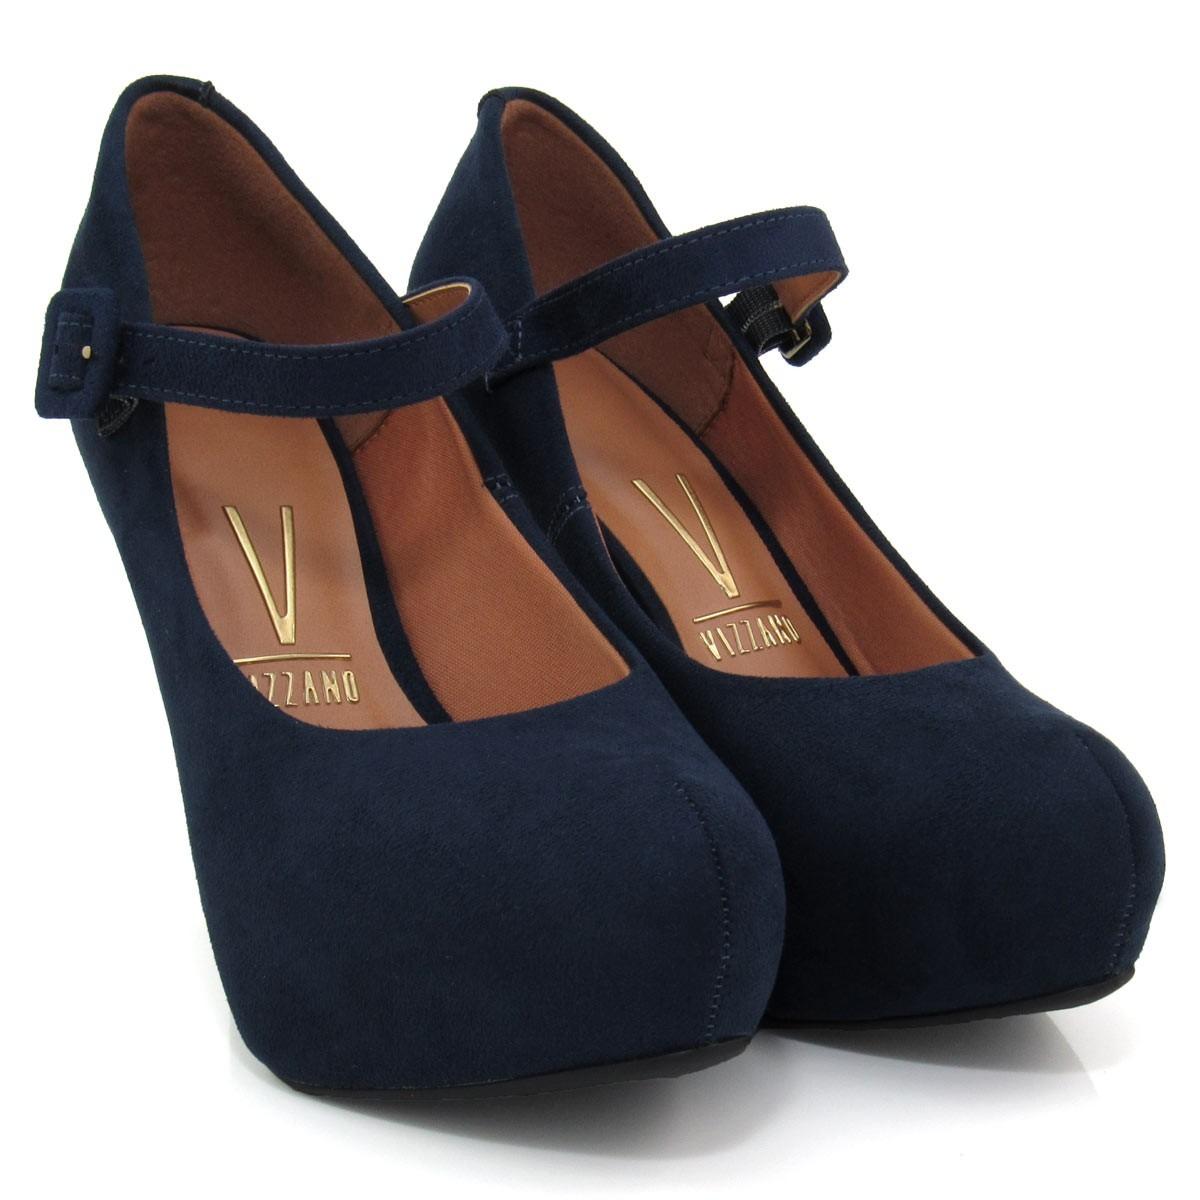 62aa334e3c sapato scarpin feminino boneca vizzano meia pata 1143304. Carregando zoom.